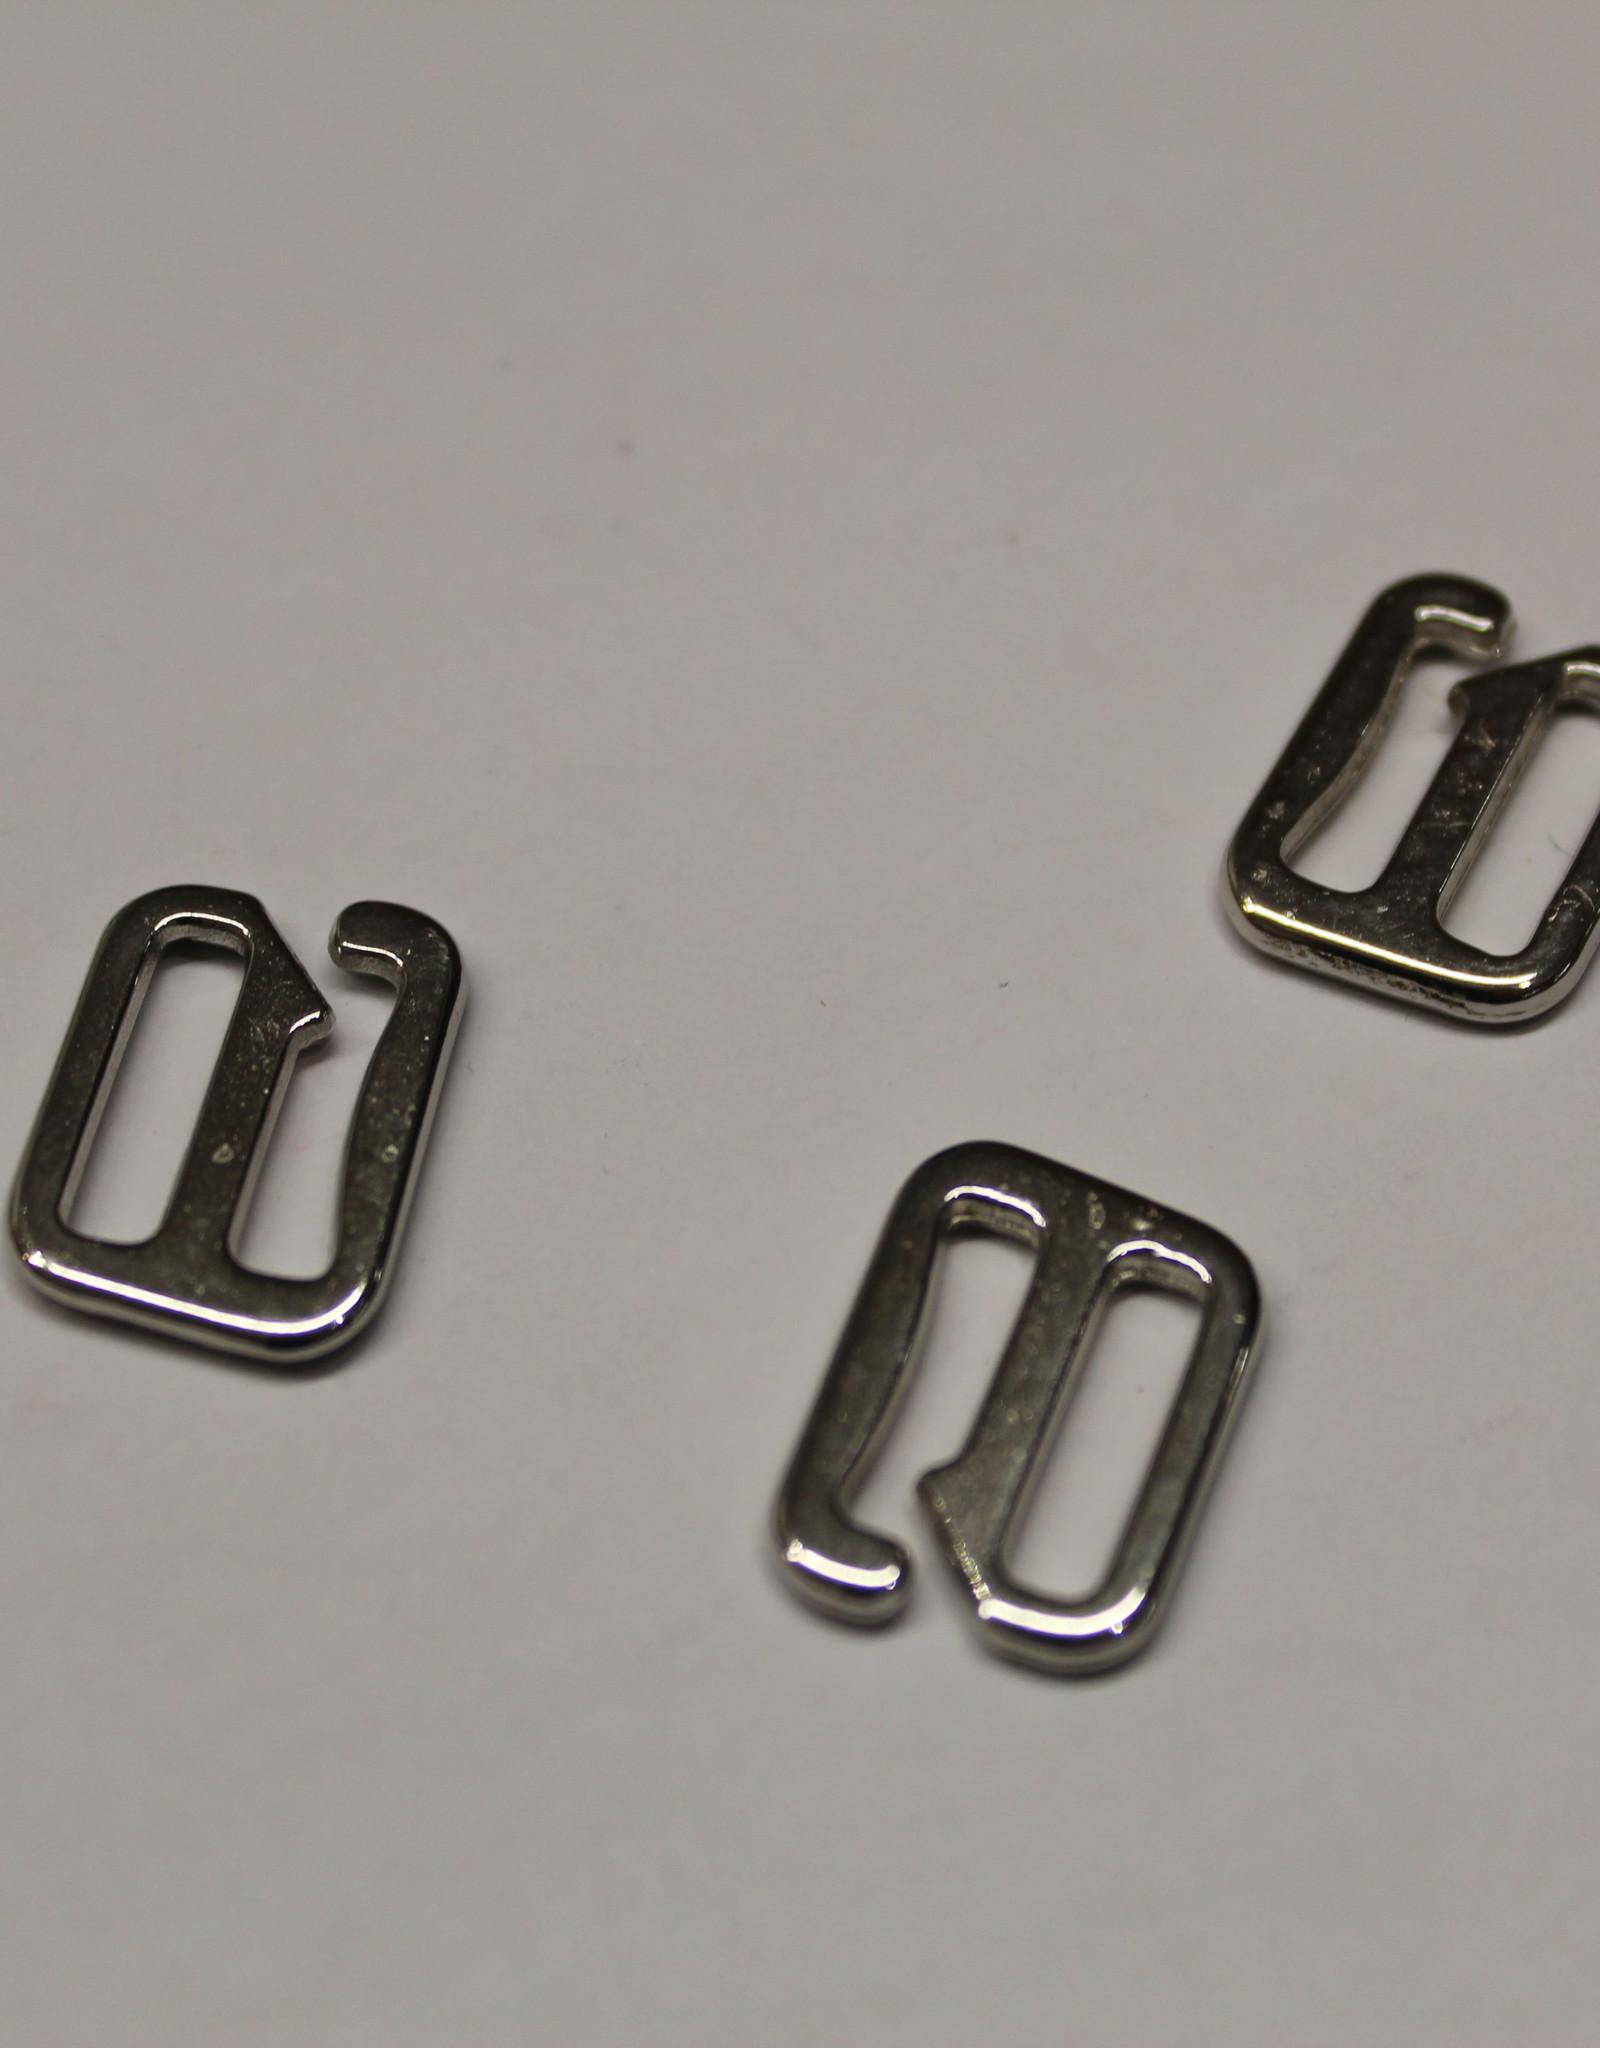 Bikini/bh haakjes sluiting 13mm zilver metaal